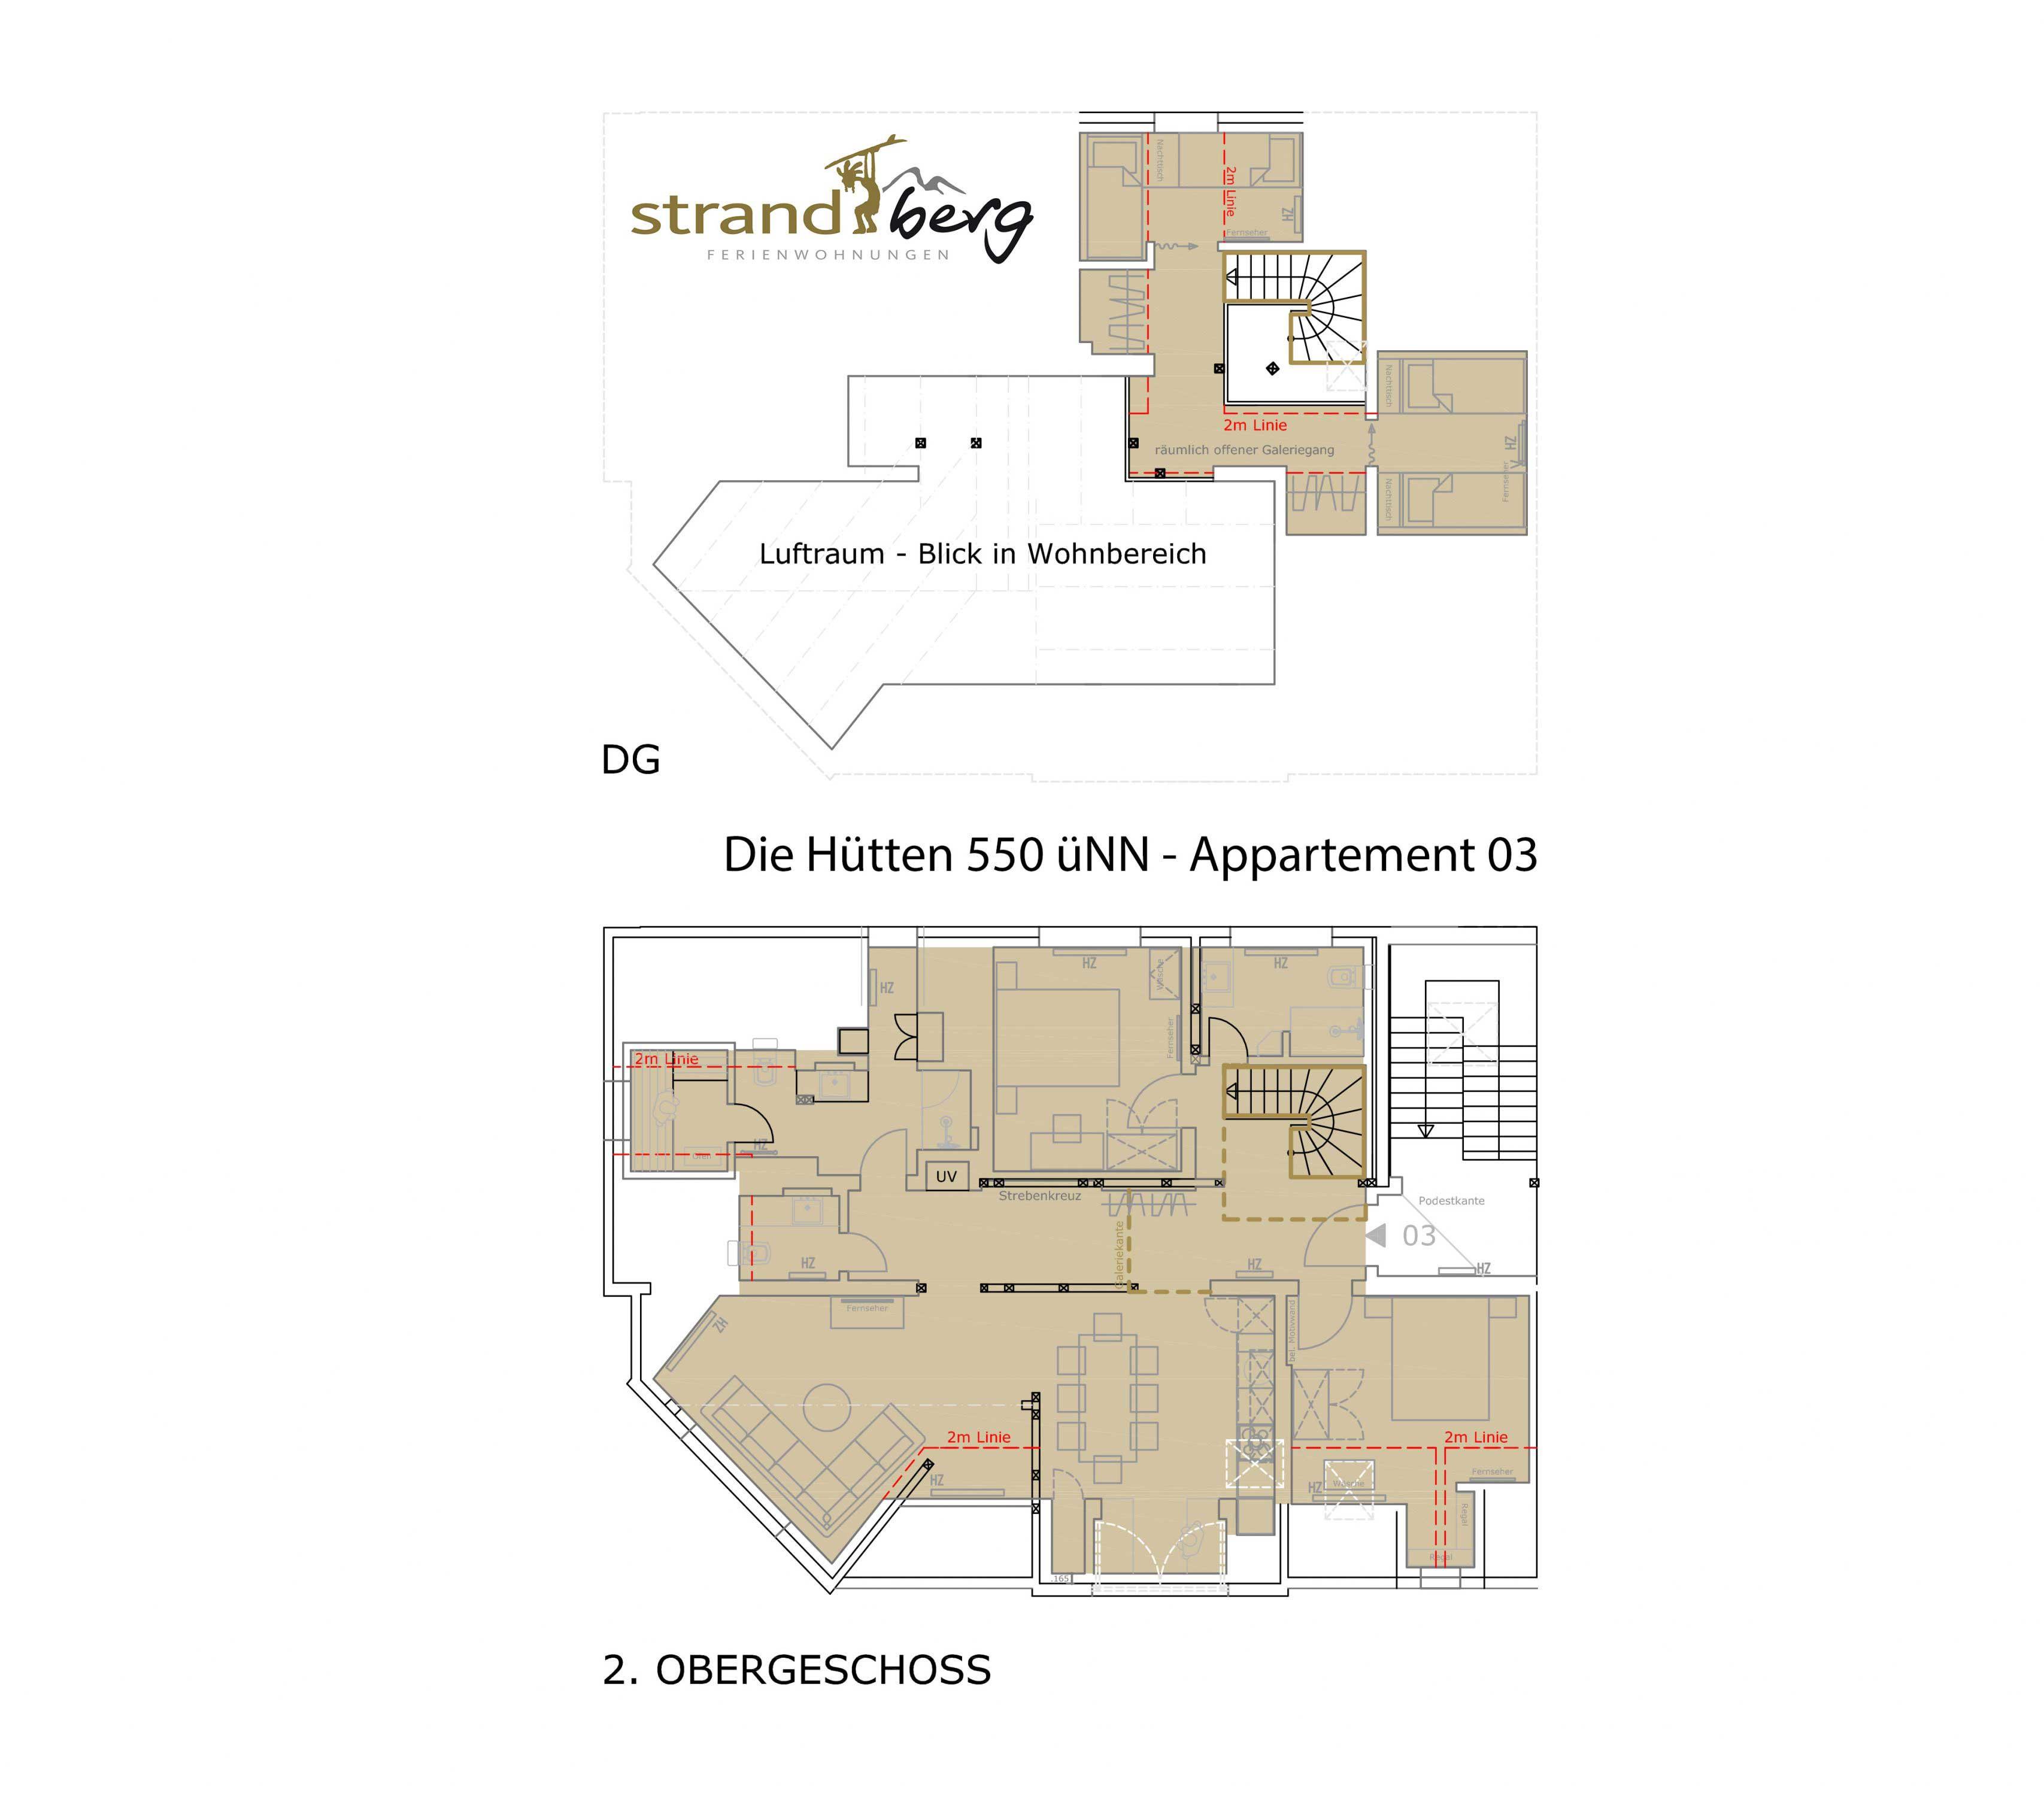 Die Hütten Grundriss Appartement 03